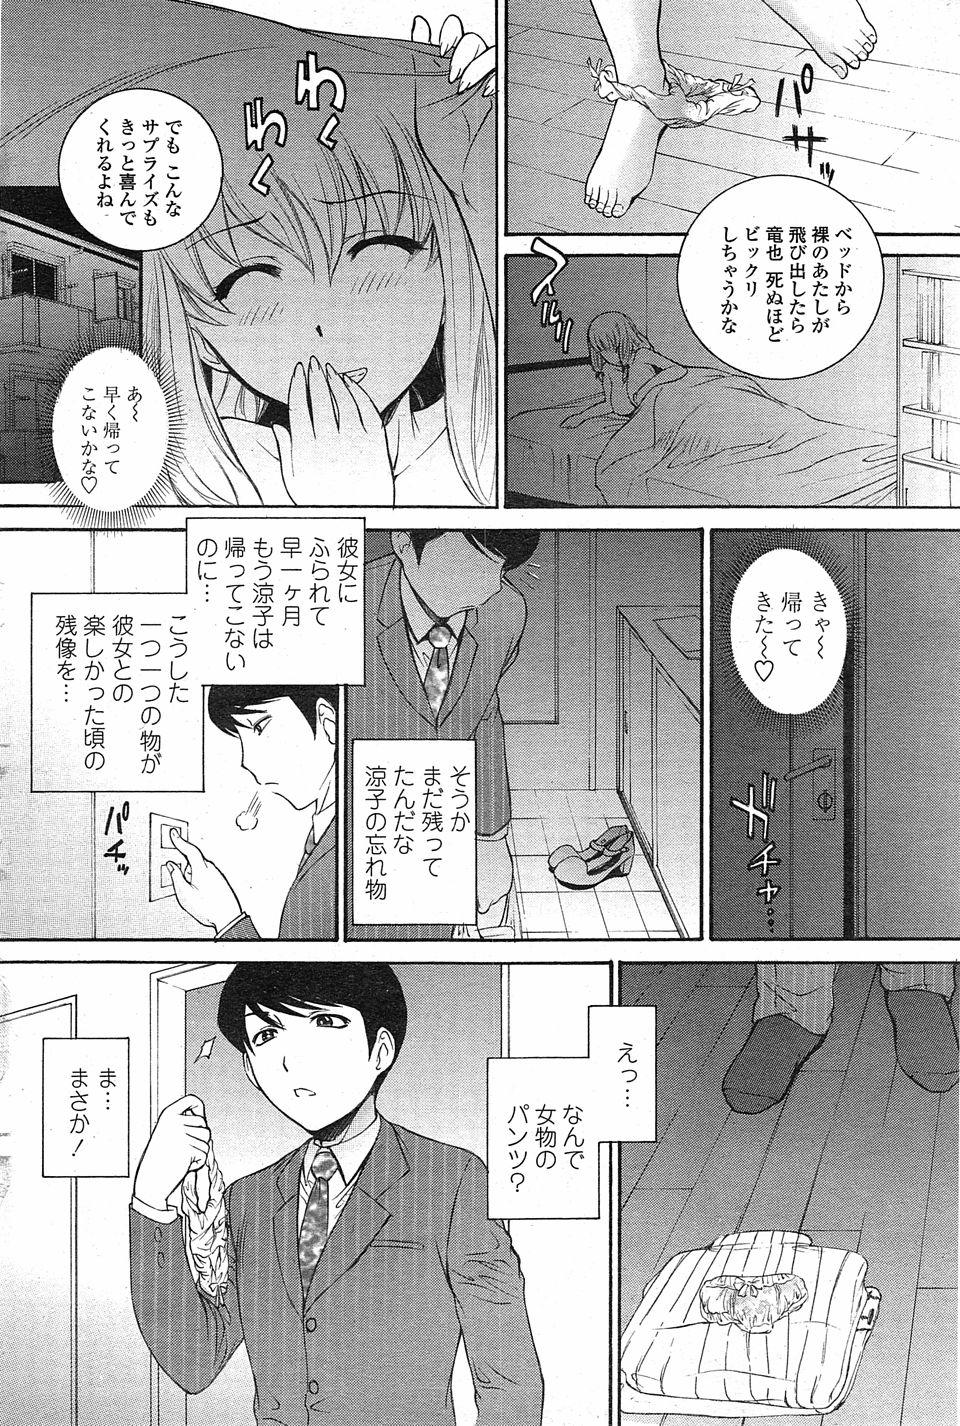 【エロ漫画・エロ同人誌】巨乳娘が彼氏にサプライズしようと部屋にあがってベッドに入って裸で待機してたら彼氏が帰って来てエッチ開始wなんだか部屋間違ったみたいで知らない男と中出しセックスしちゃってるンゴwww (2)